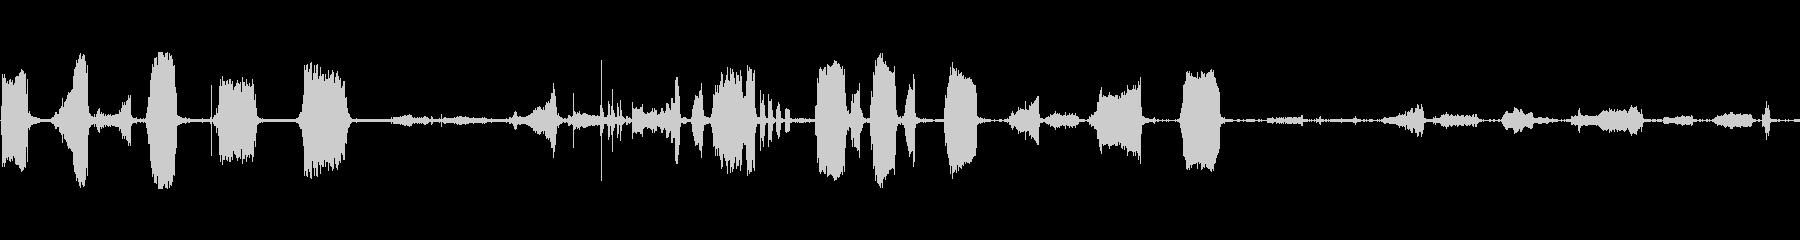 コンゴウインコ鳥の声ボーカルの未再生の波形